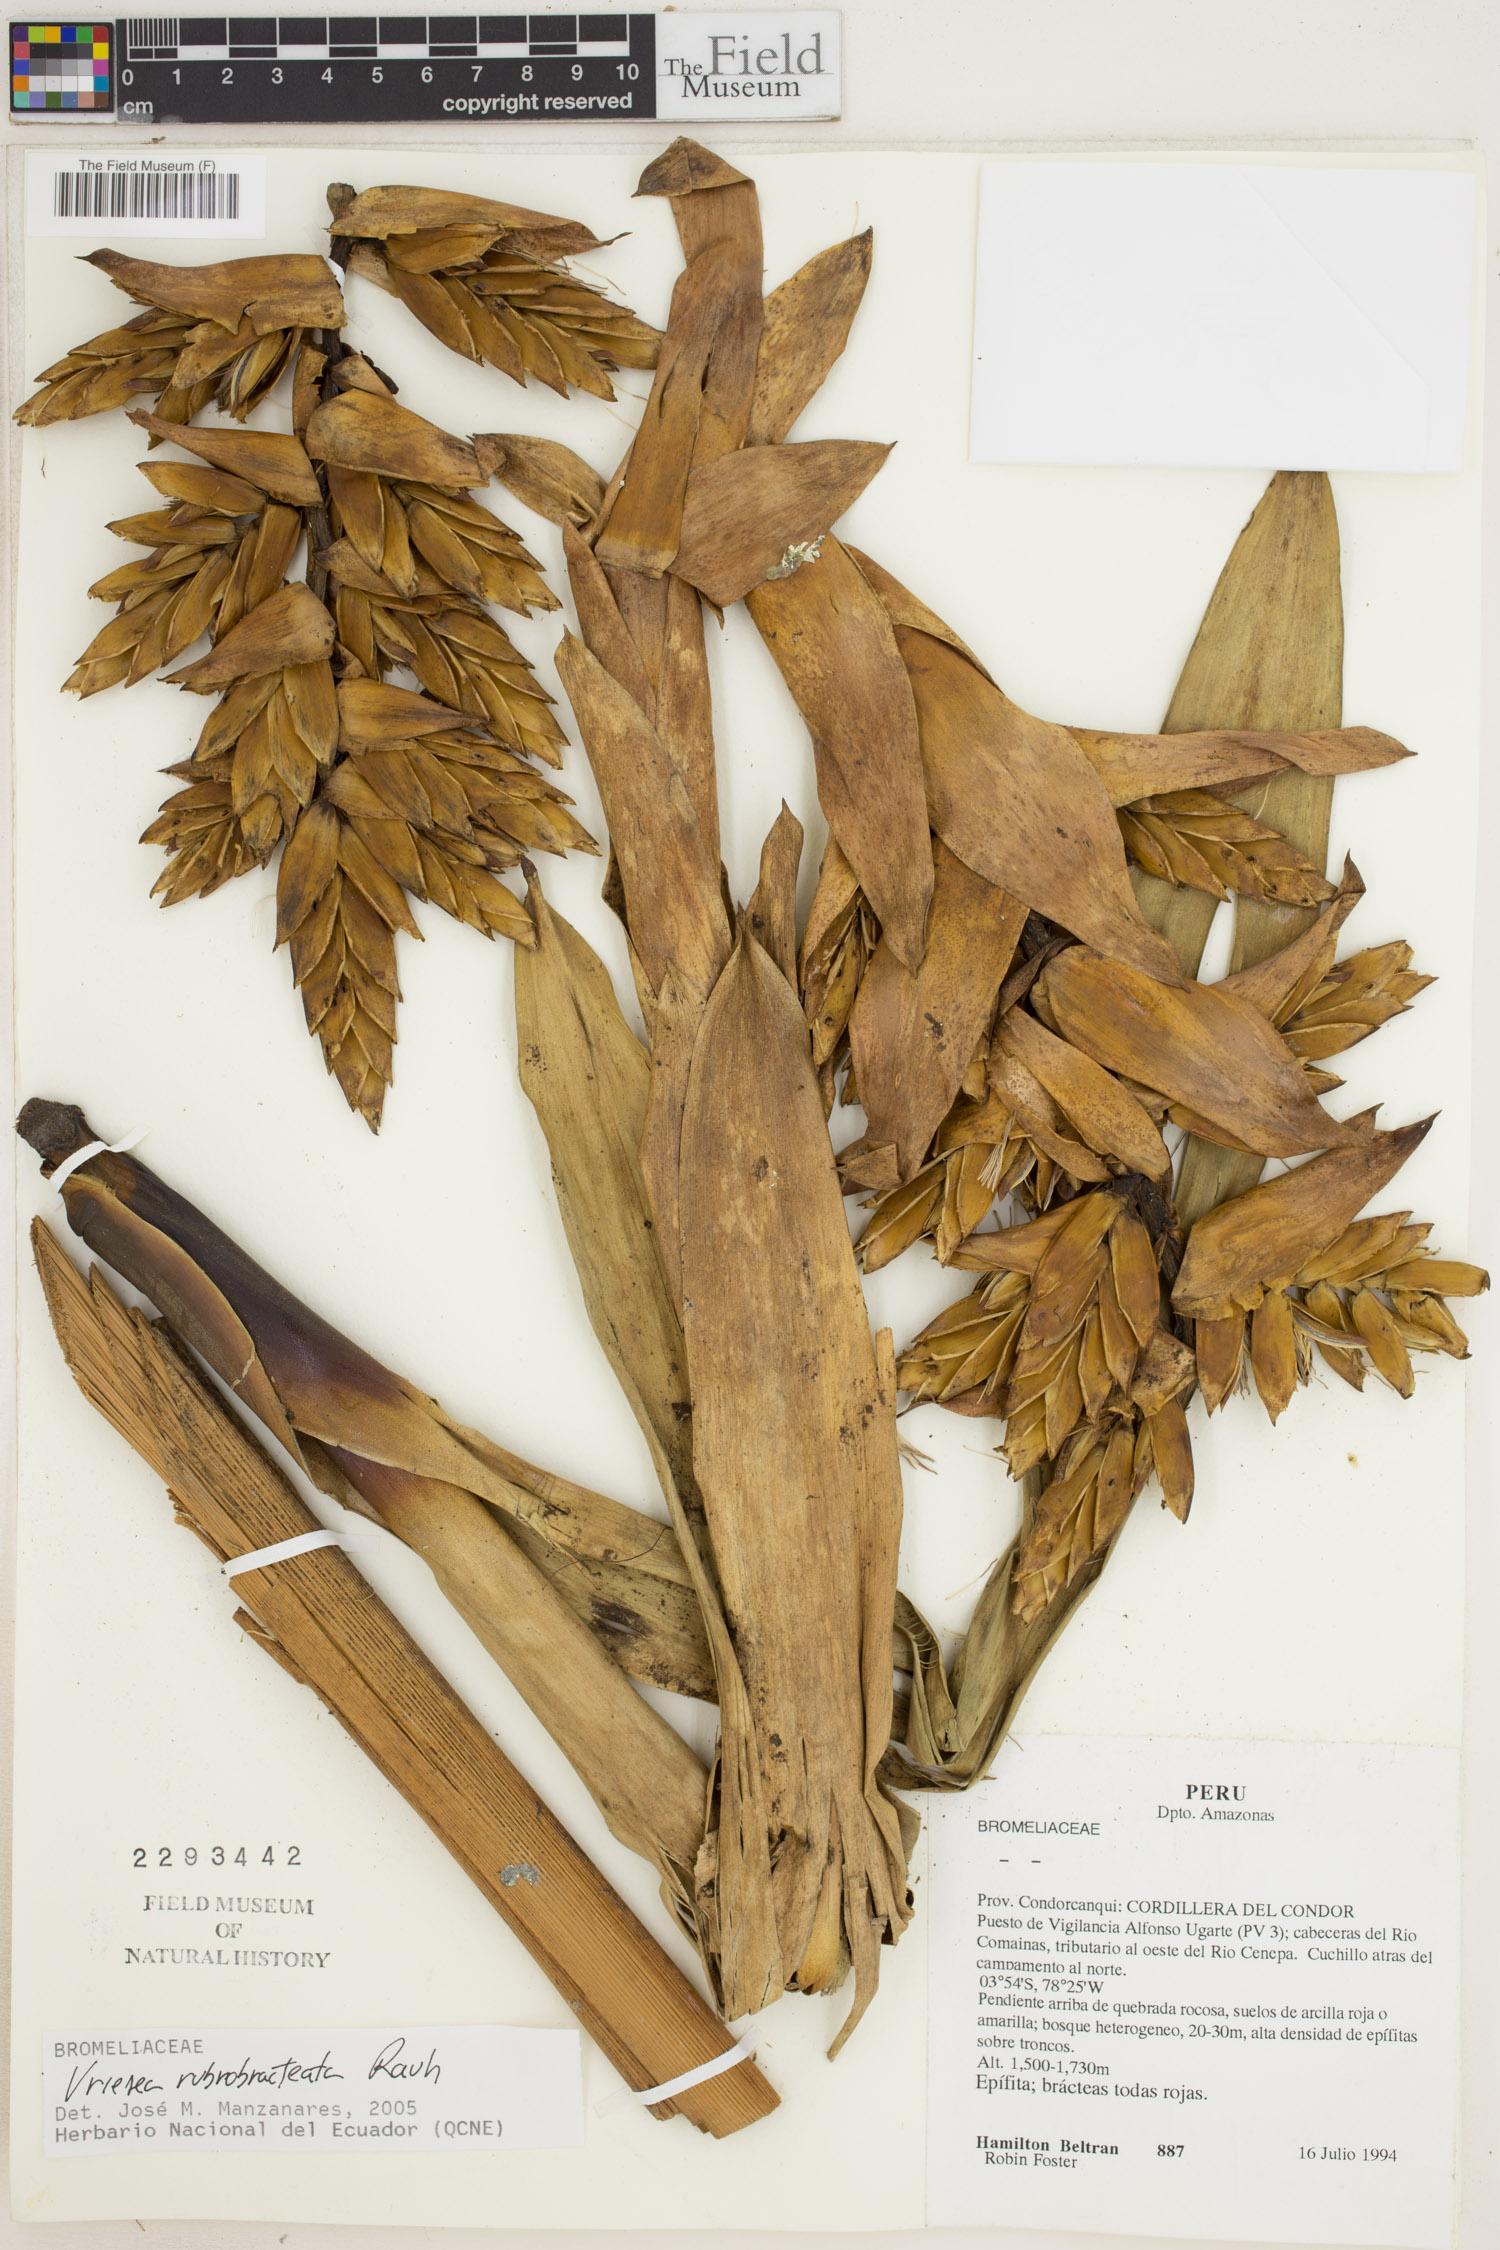 Specimen: Vriesea rubrobracteata